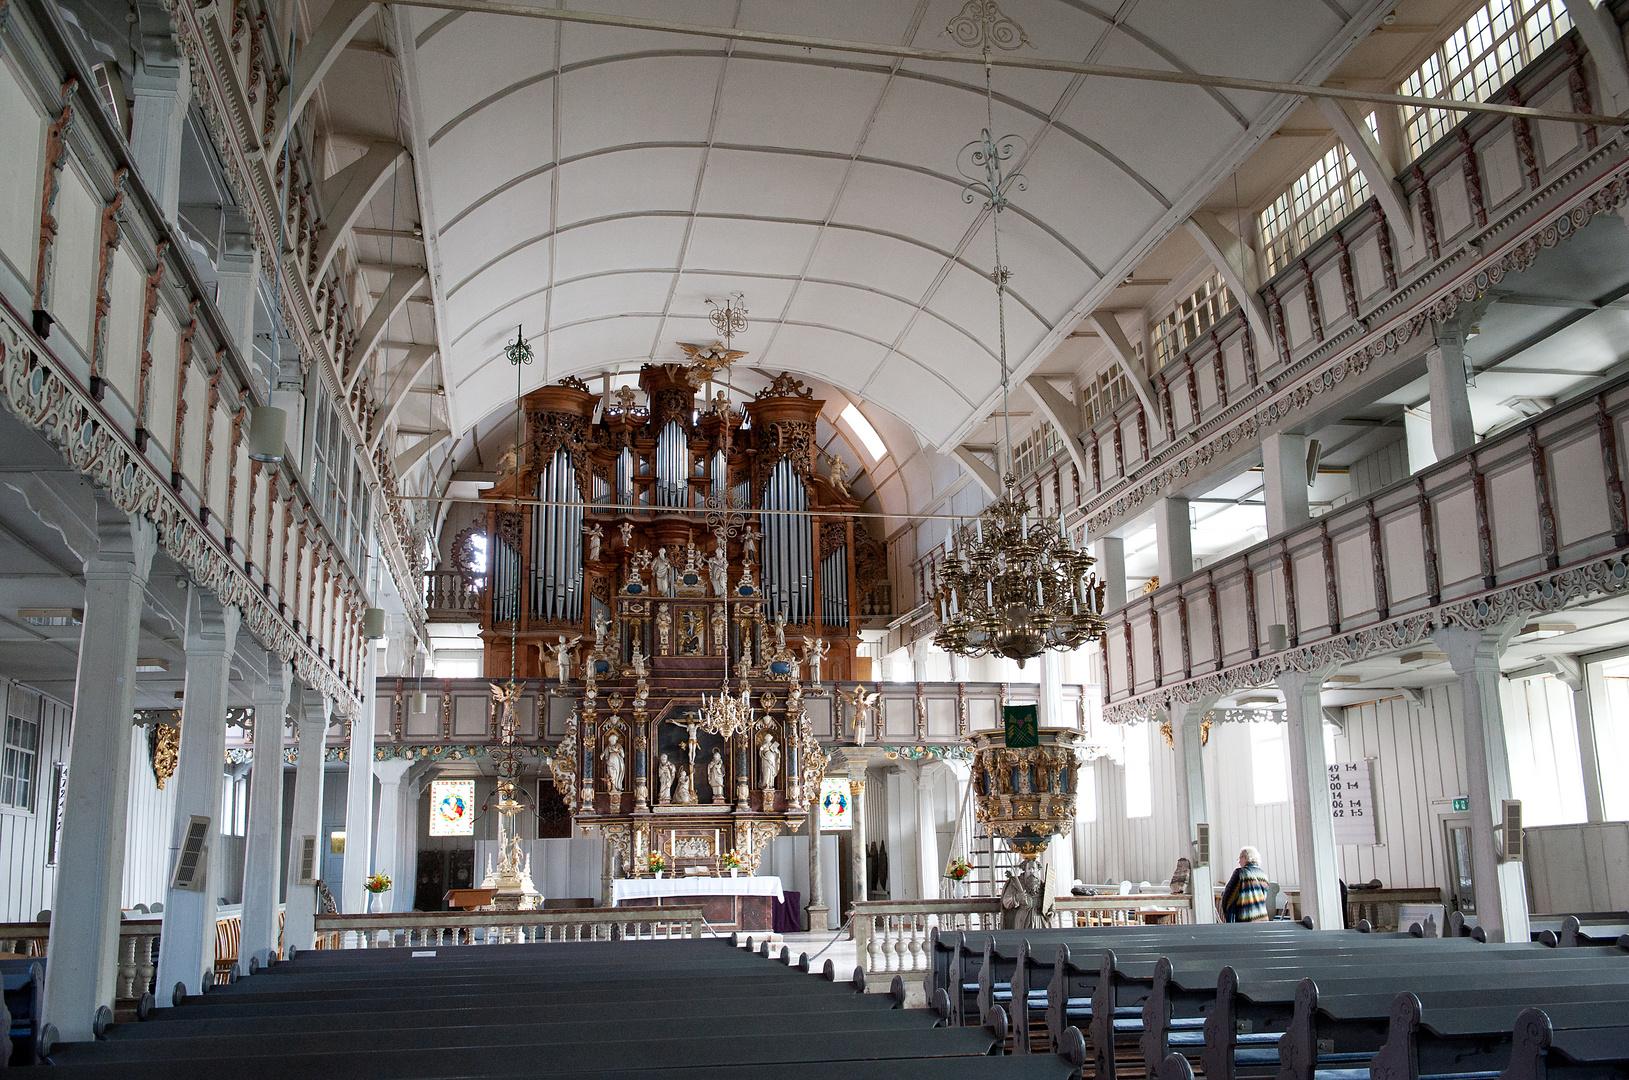 historische Holzkirche in Clausthal-Zellerfeld